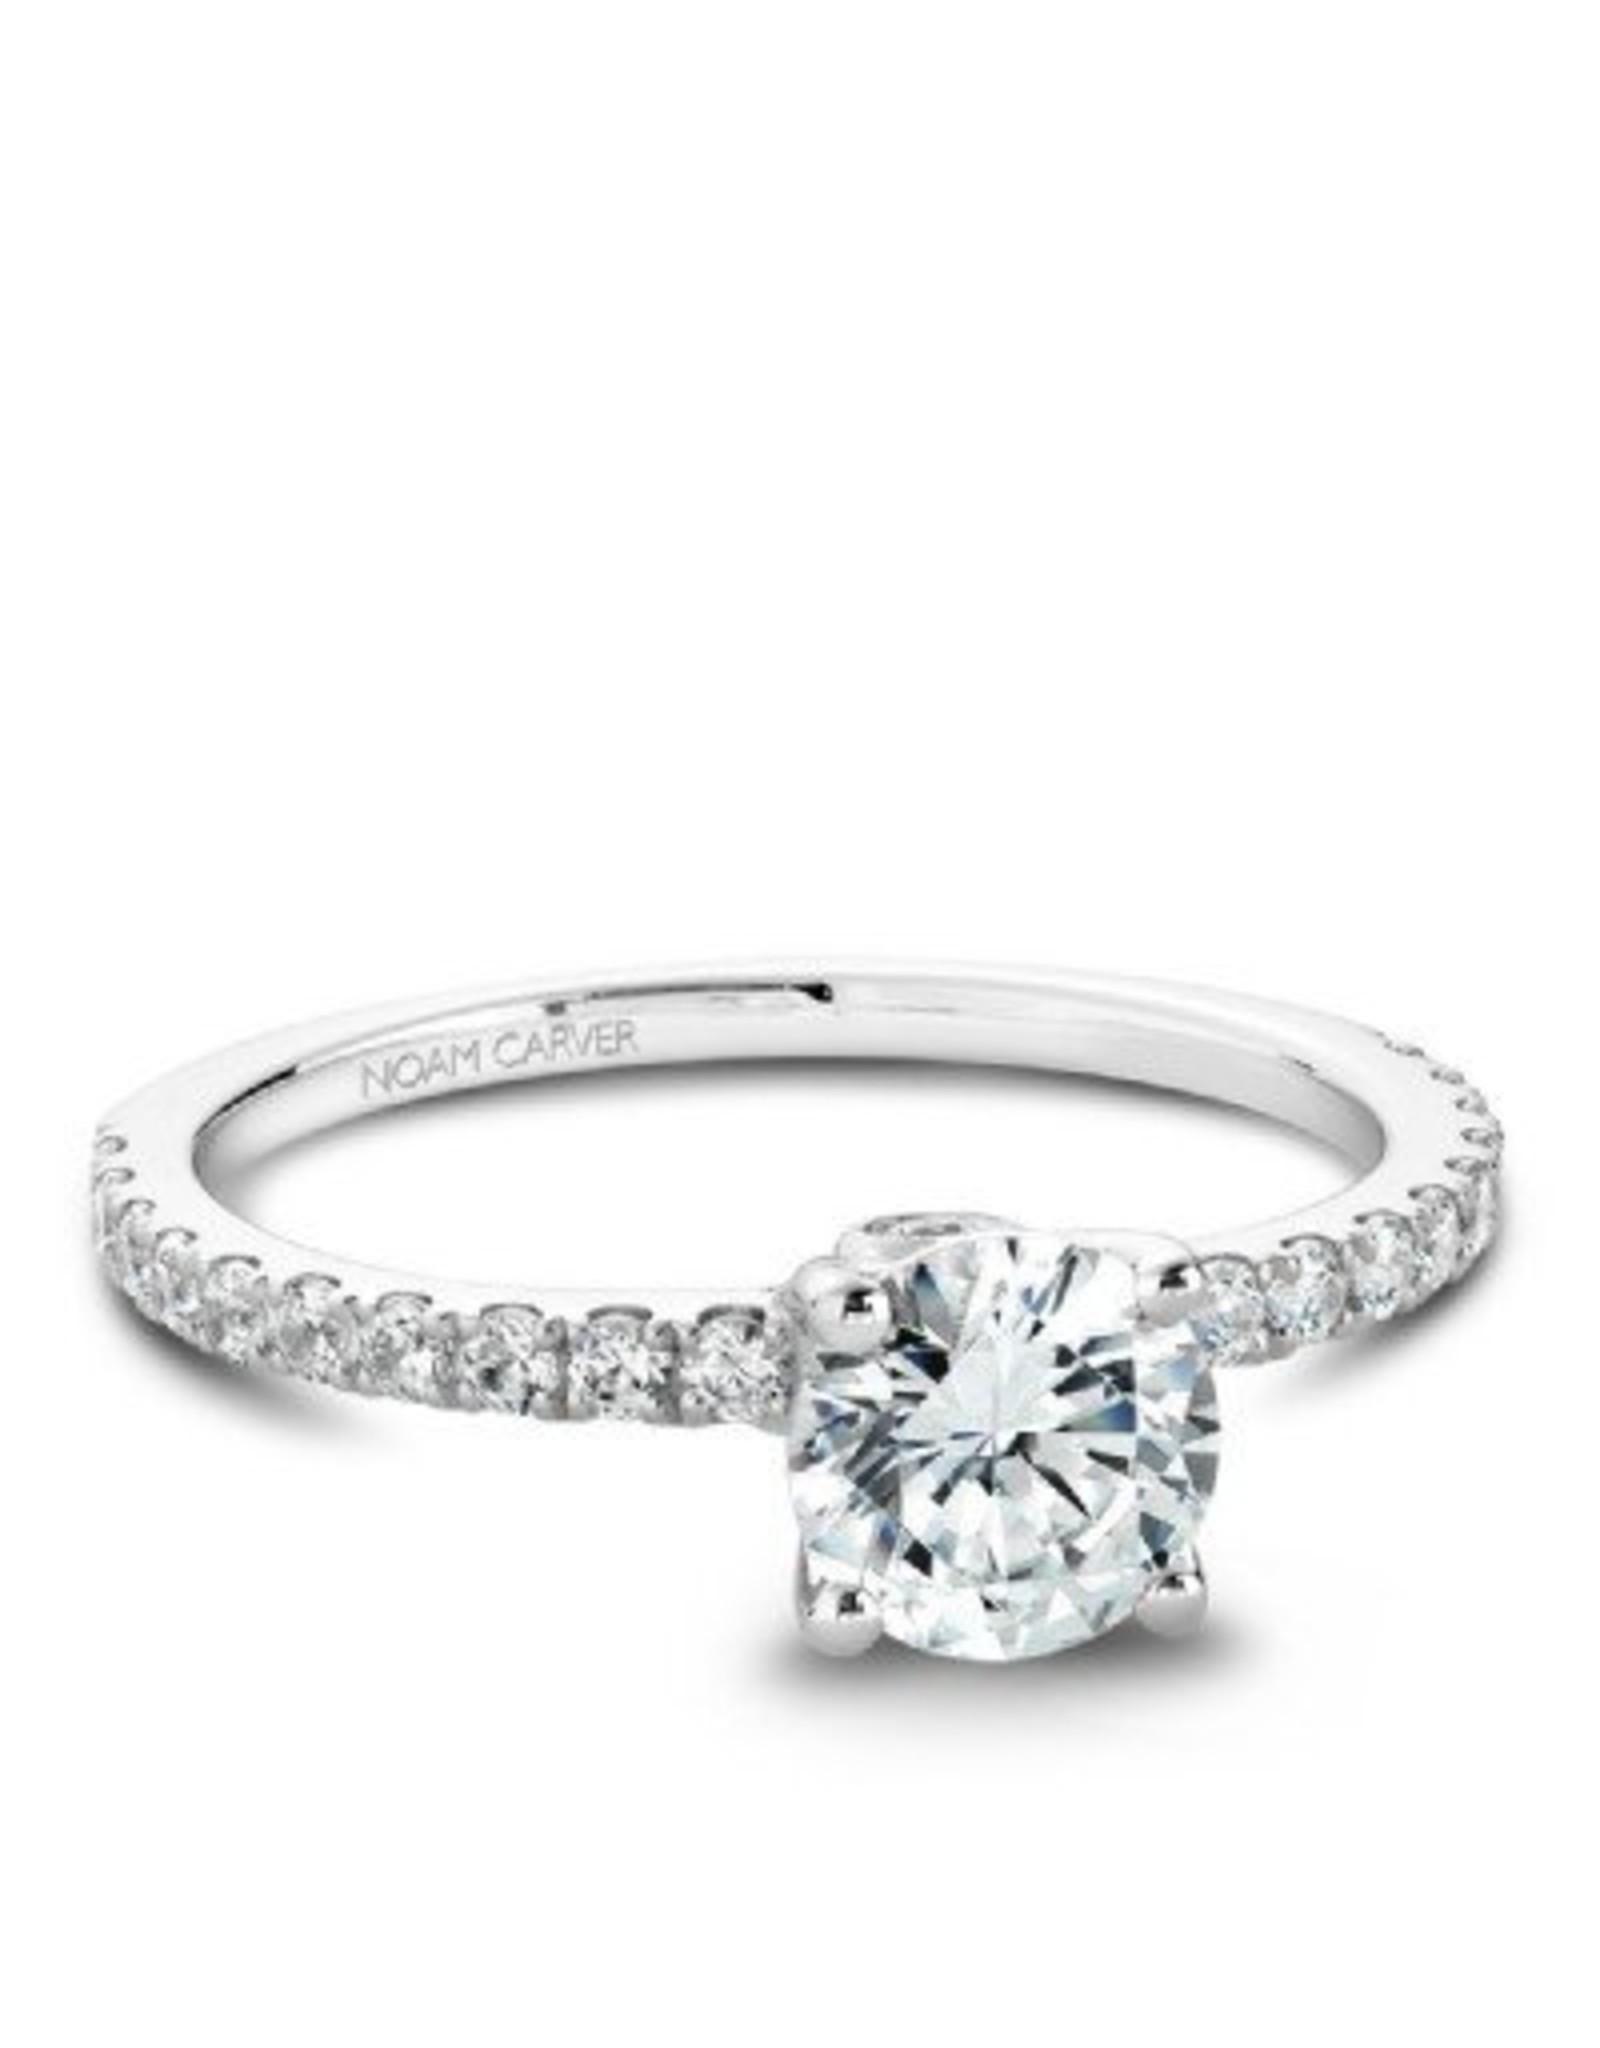 Noam Carver Side Diamond Semi-Mount by Noam Carver 14KW